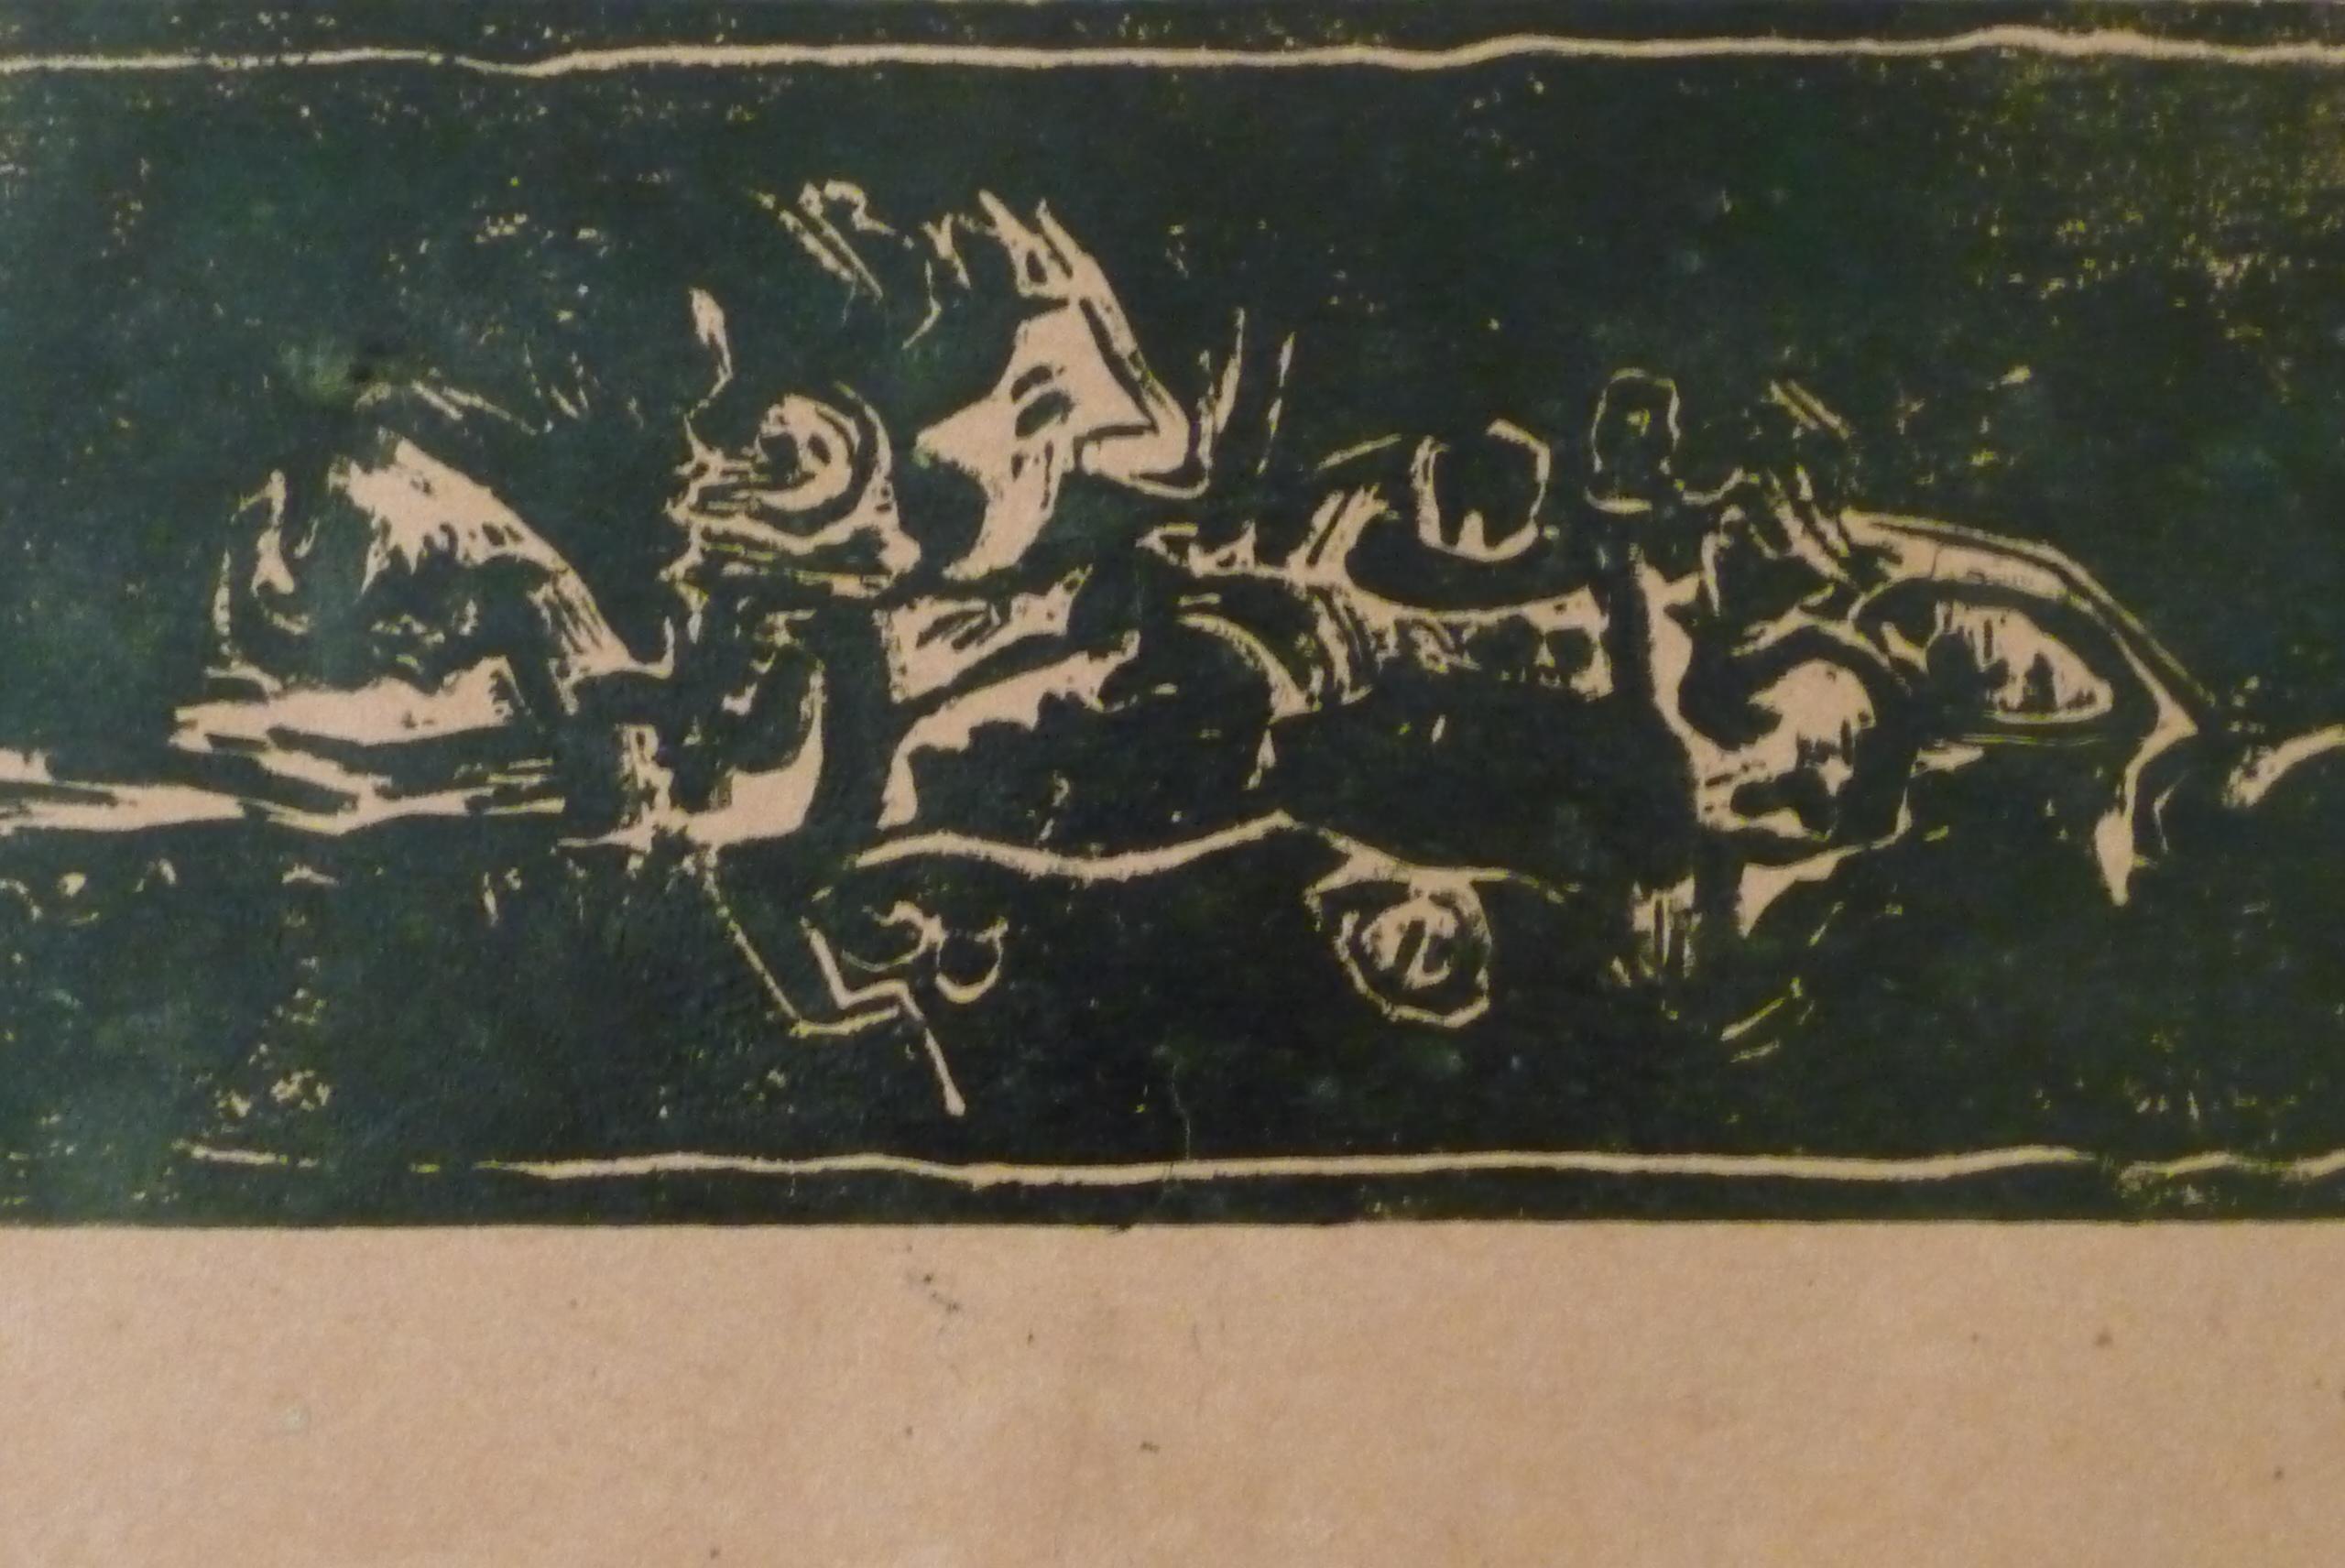 Entrelazados (1985) - Aingeru Pagai López